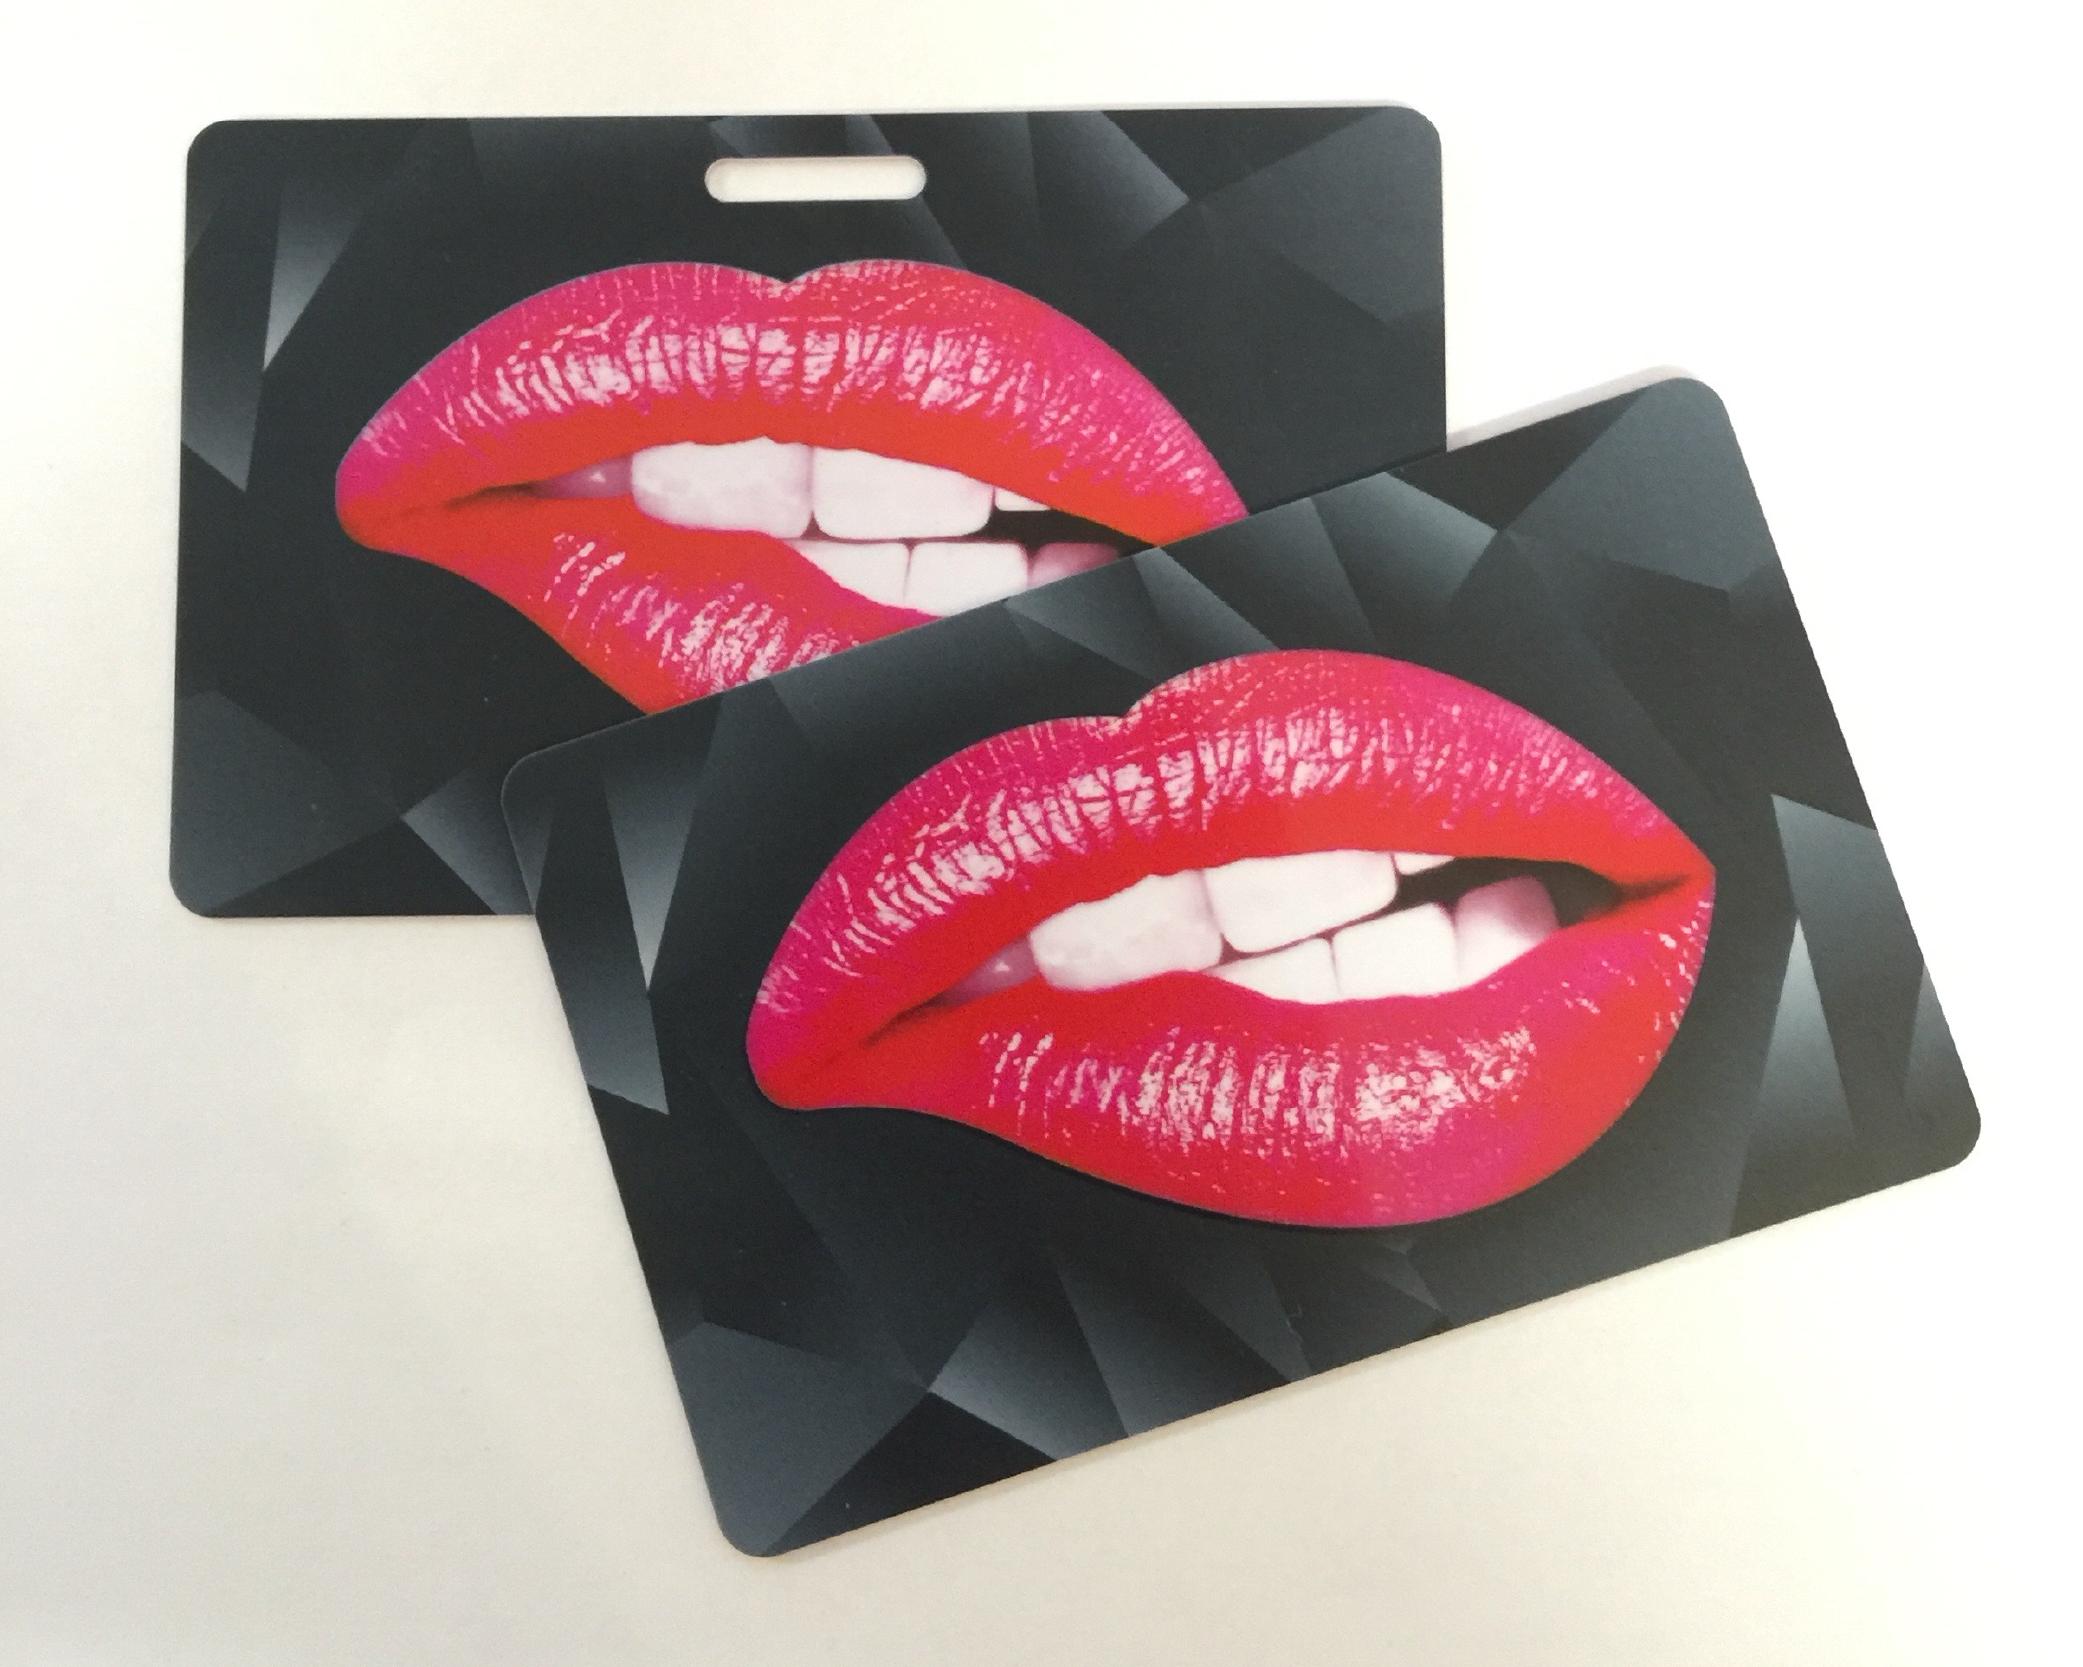 spot uv spot gloss plastic business card smooth matt